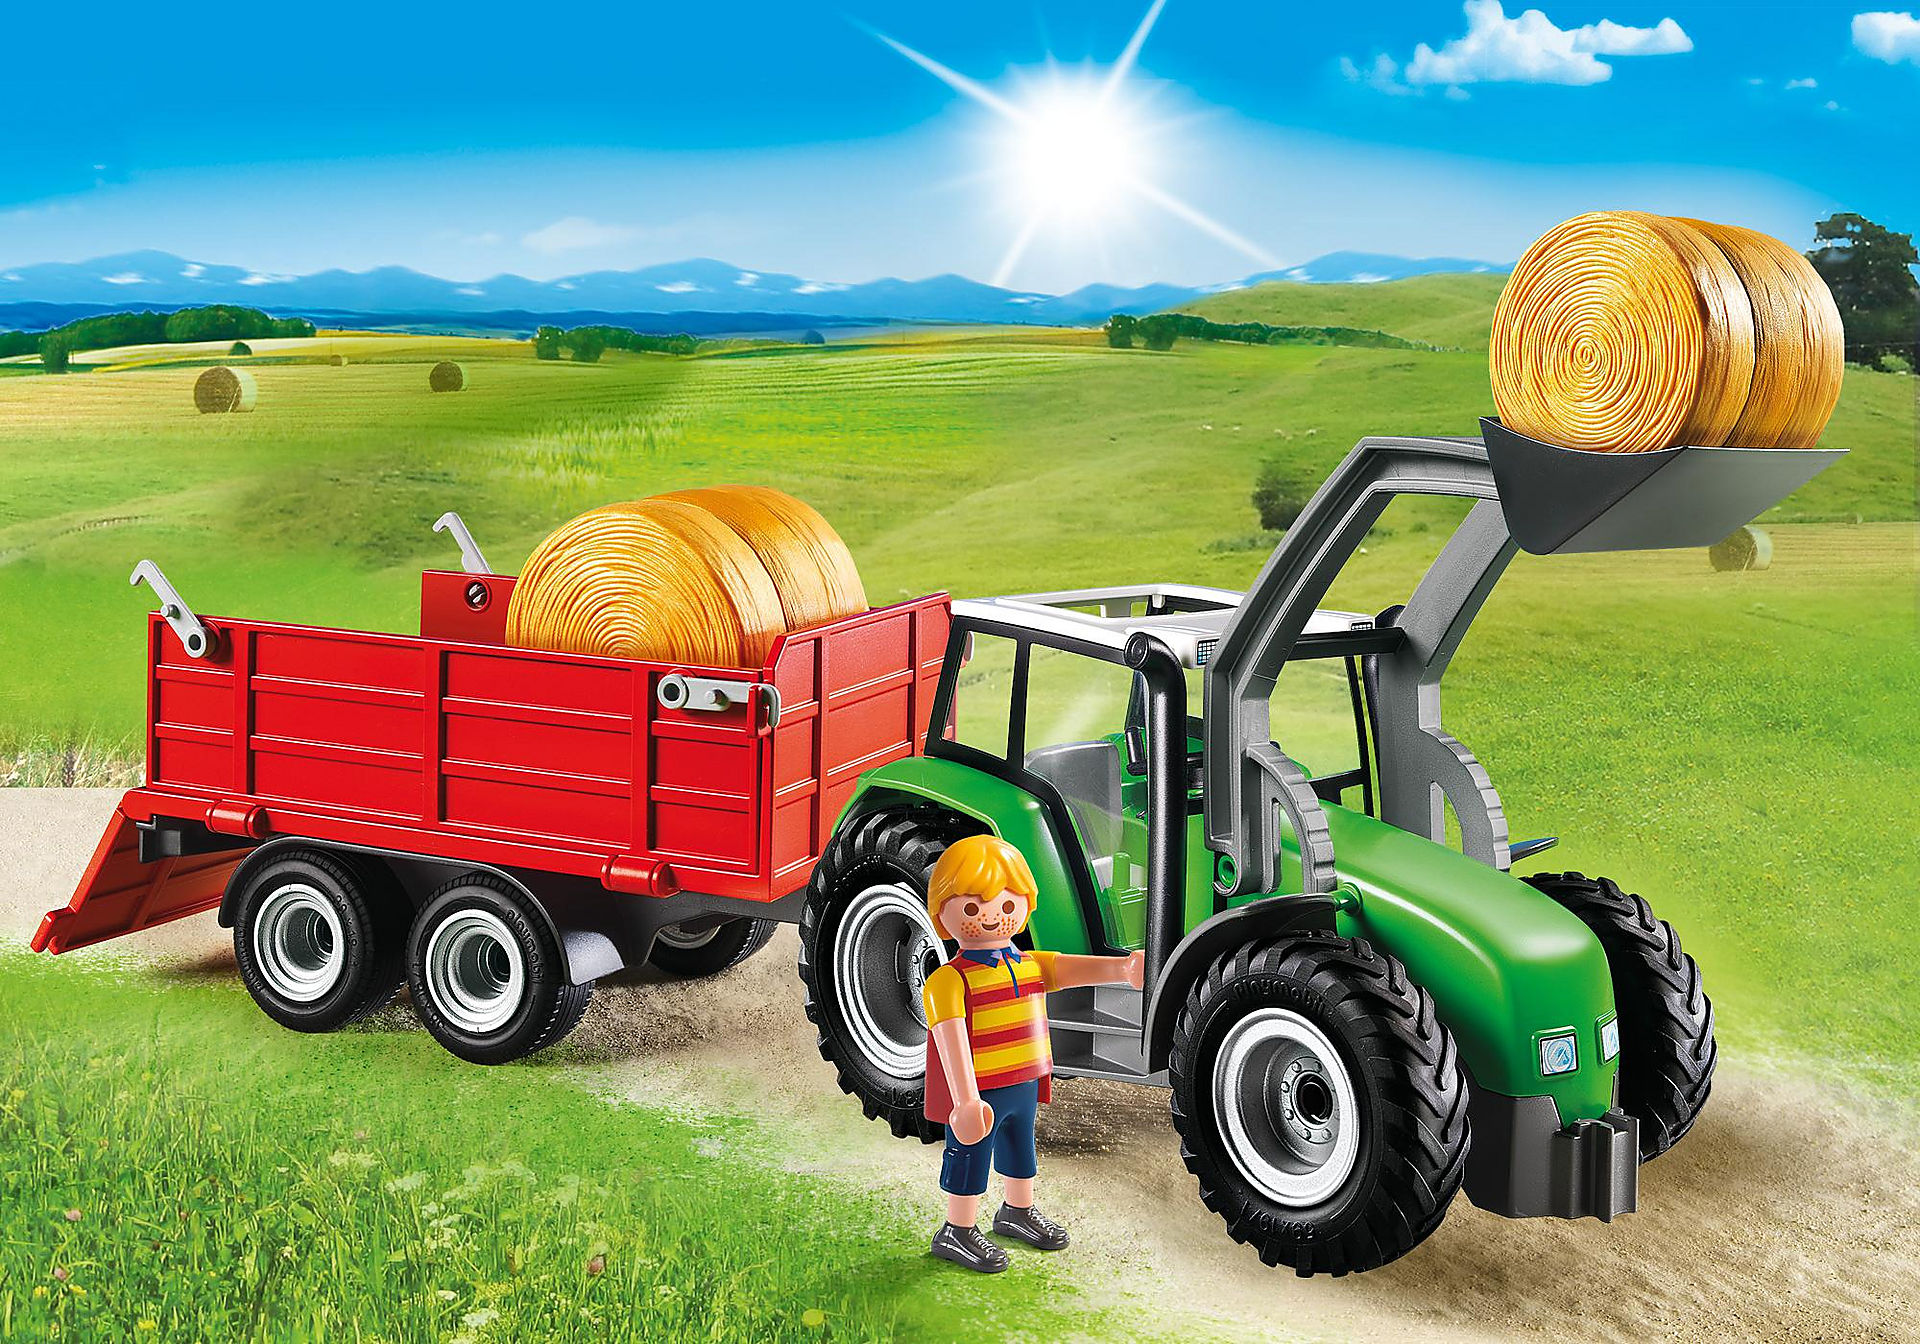 http://media.playmobil.com/i/playmobil/6130_product_detail/Duży traktor z przyczepą